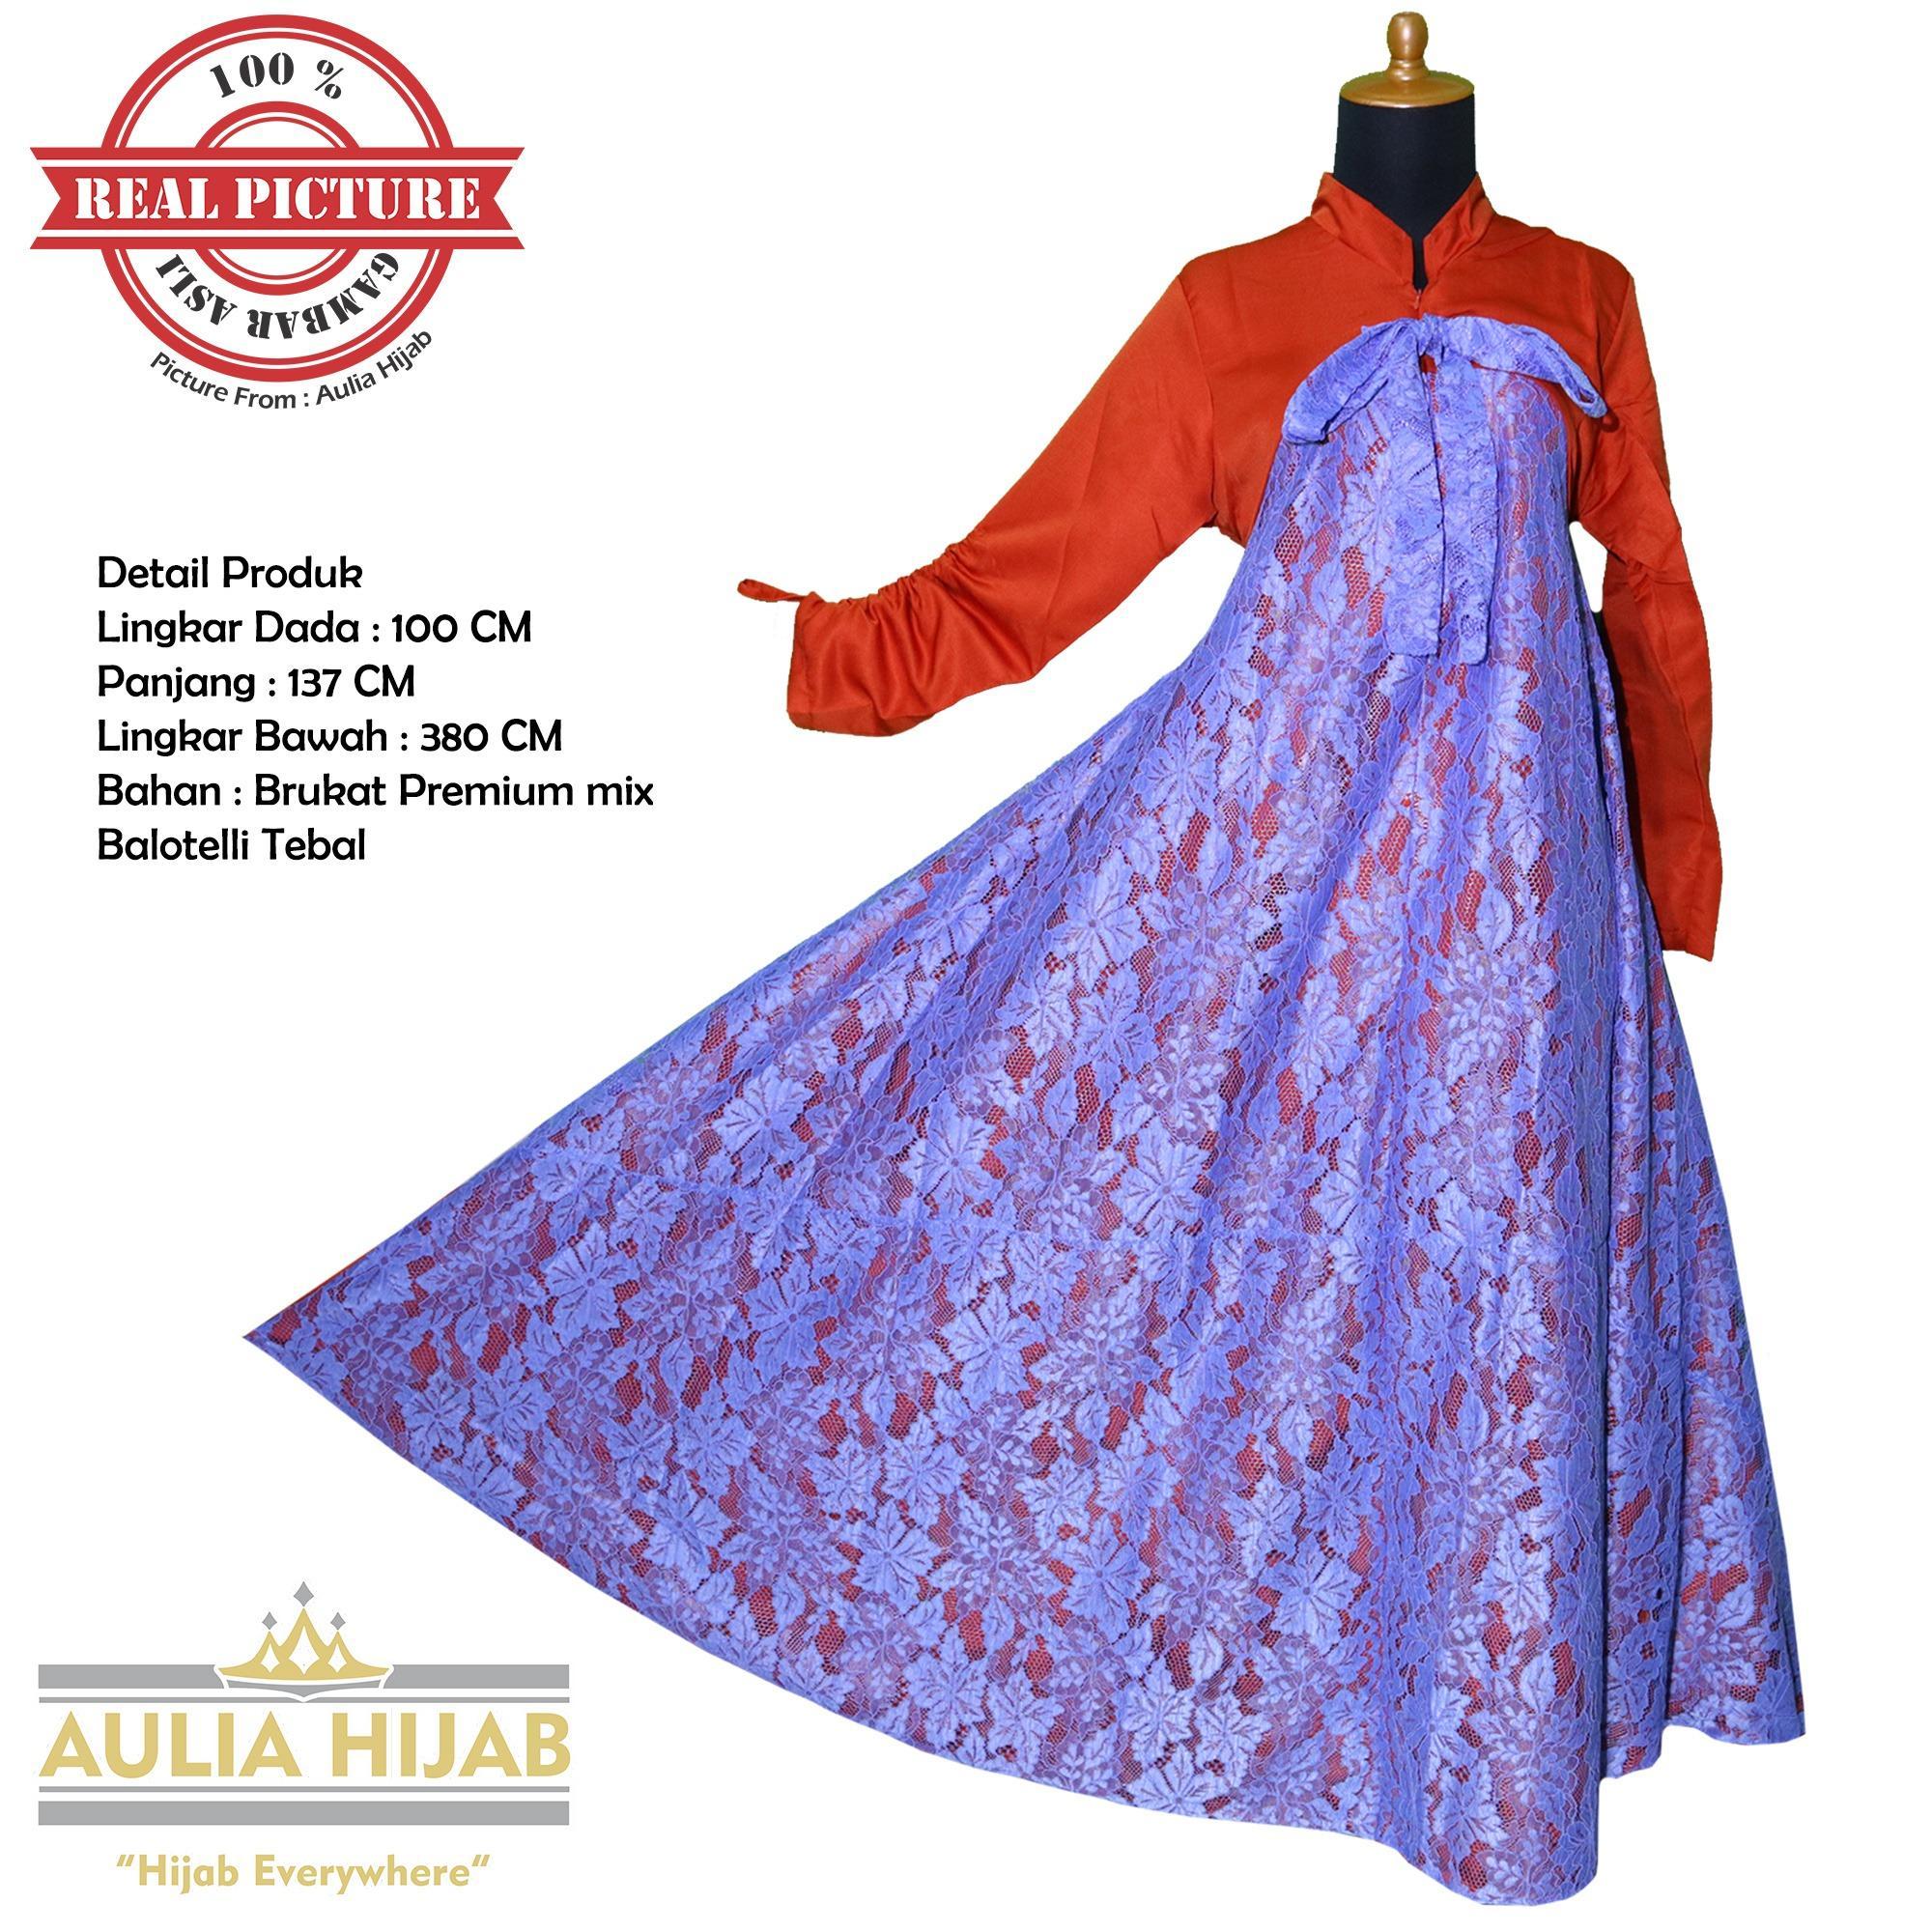 Katalog Aulia Hijab Gamis Brukat Asli Alina Dress Bahan Brukat Gamis Pesta Gamis Kerja Gamis Kondangan Gamis Brukat Gamis Brokat Gamis Terbaru Gamis Real Picture Gamis Cantik Terbaru